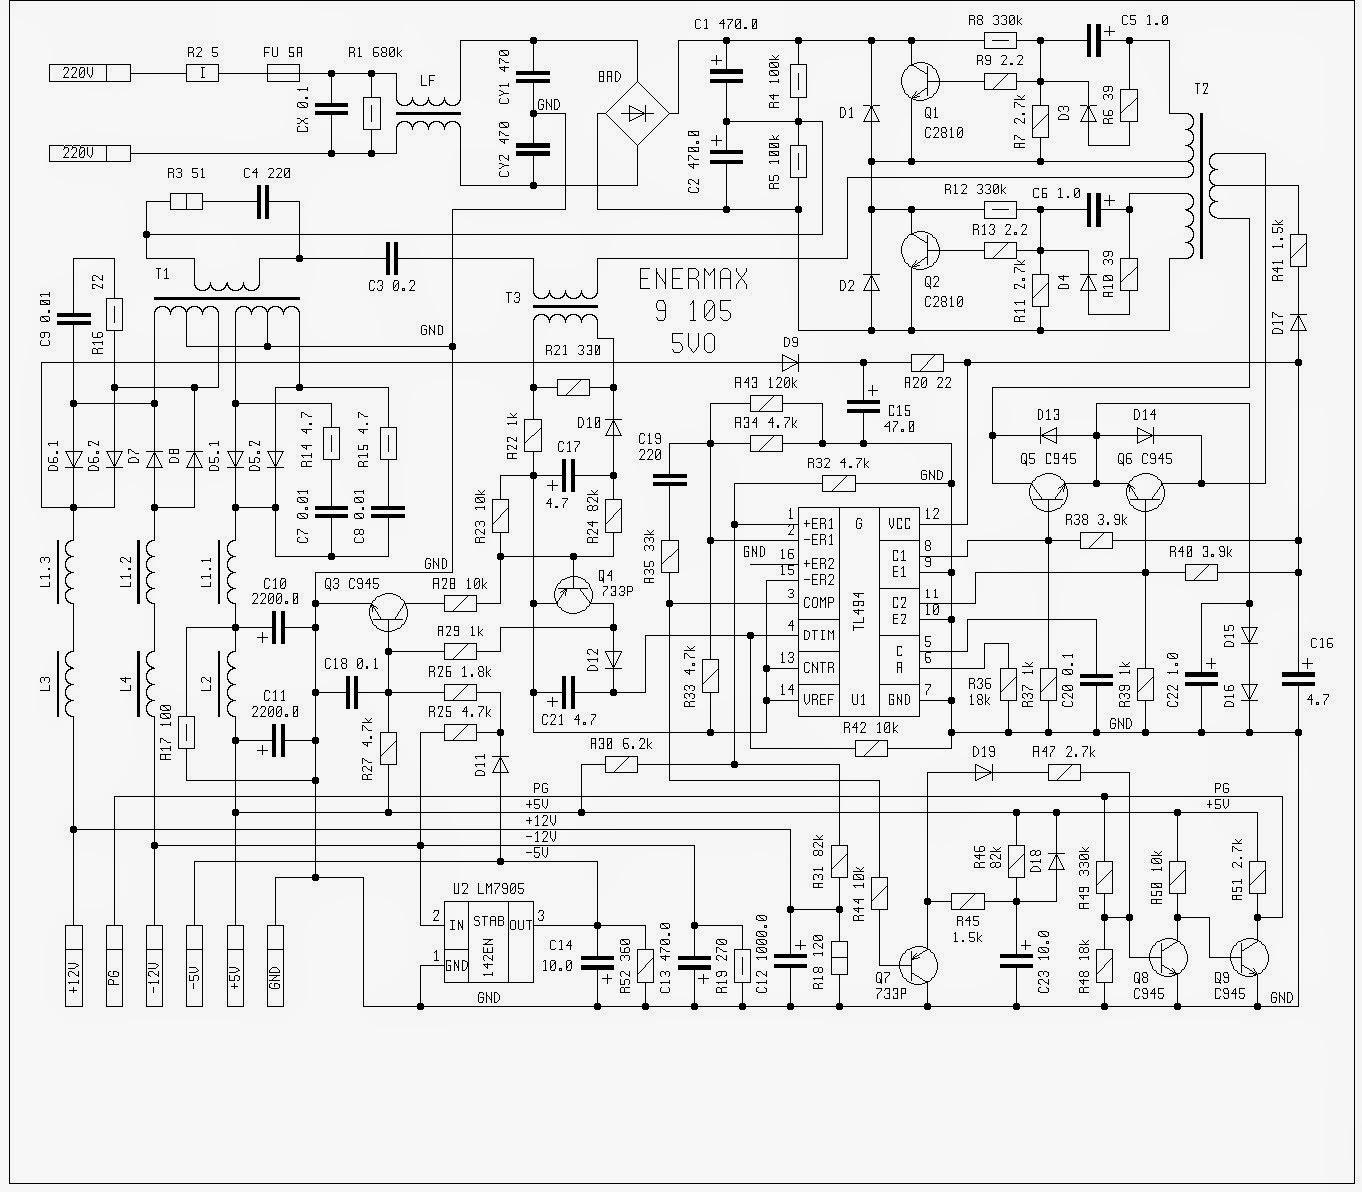 Eletronica Geral Fontes At E Atx Para Computadores